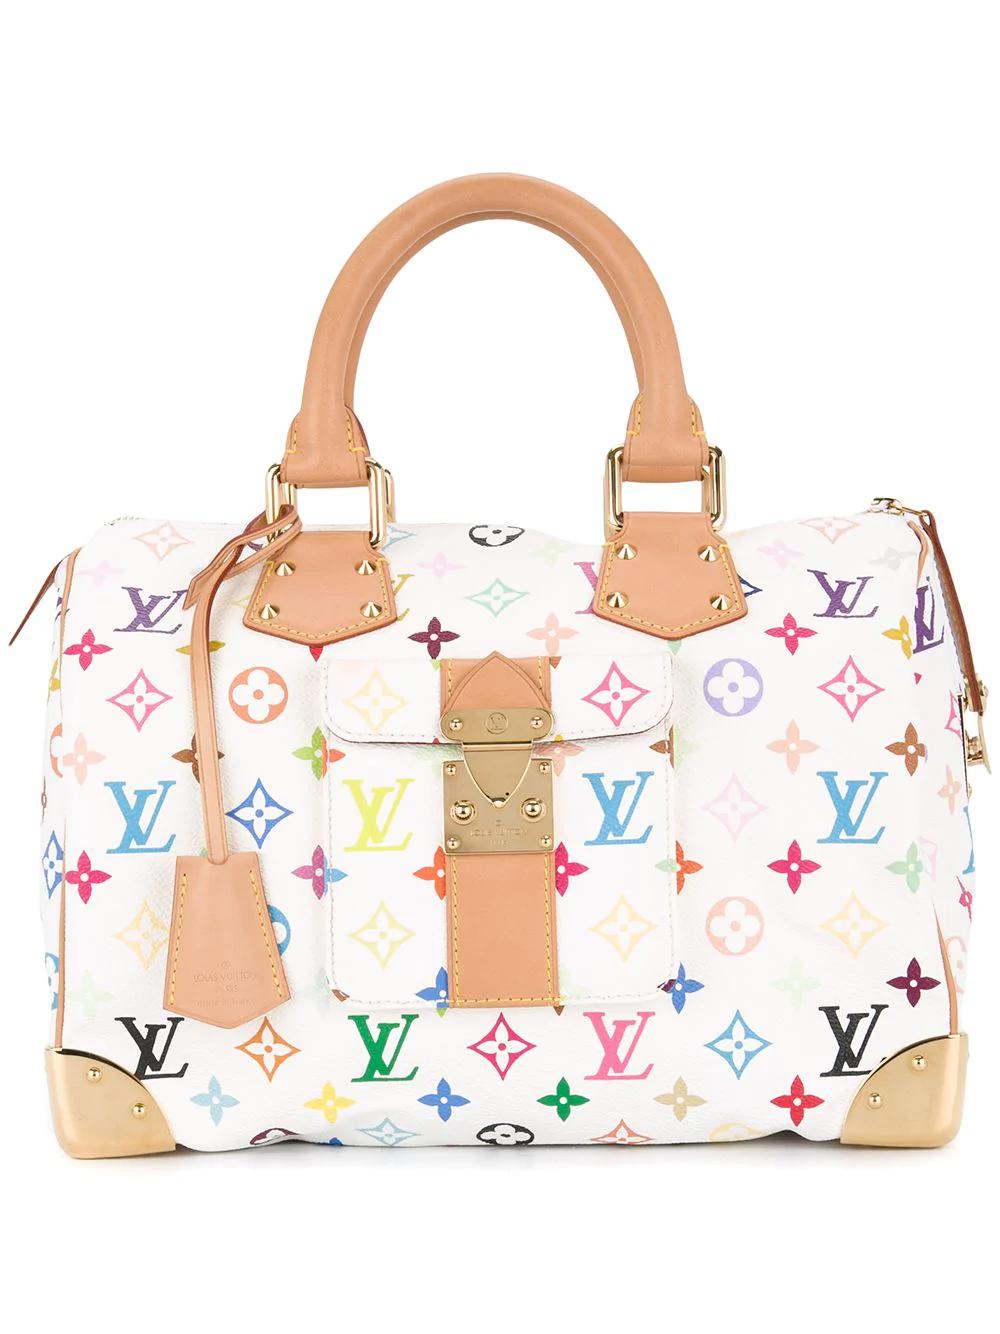 Louis Vuitton Vintage Speedy 30 Handbag - White | ModeSens